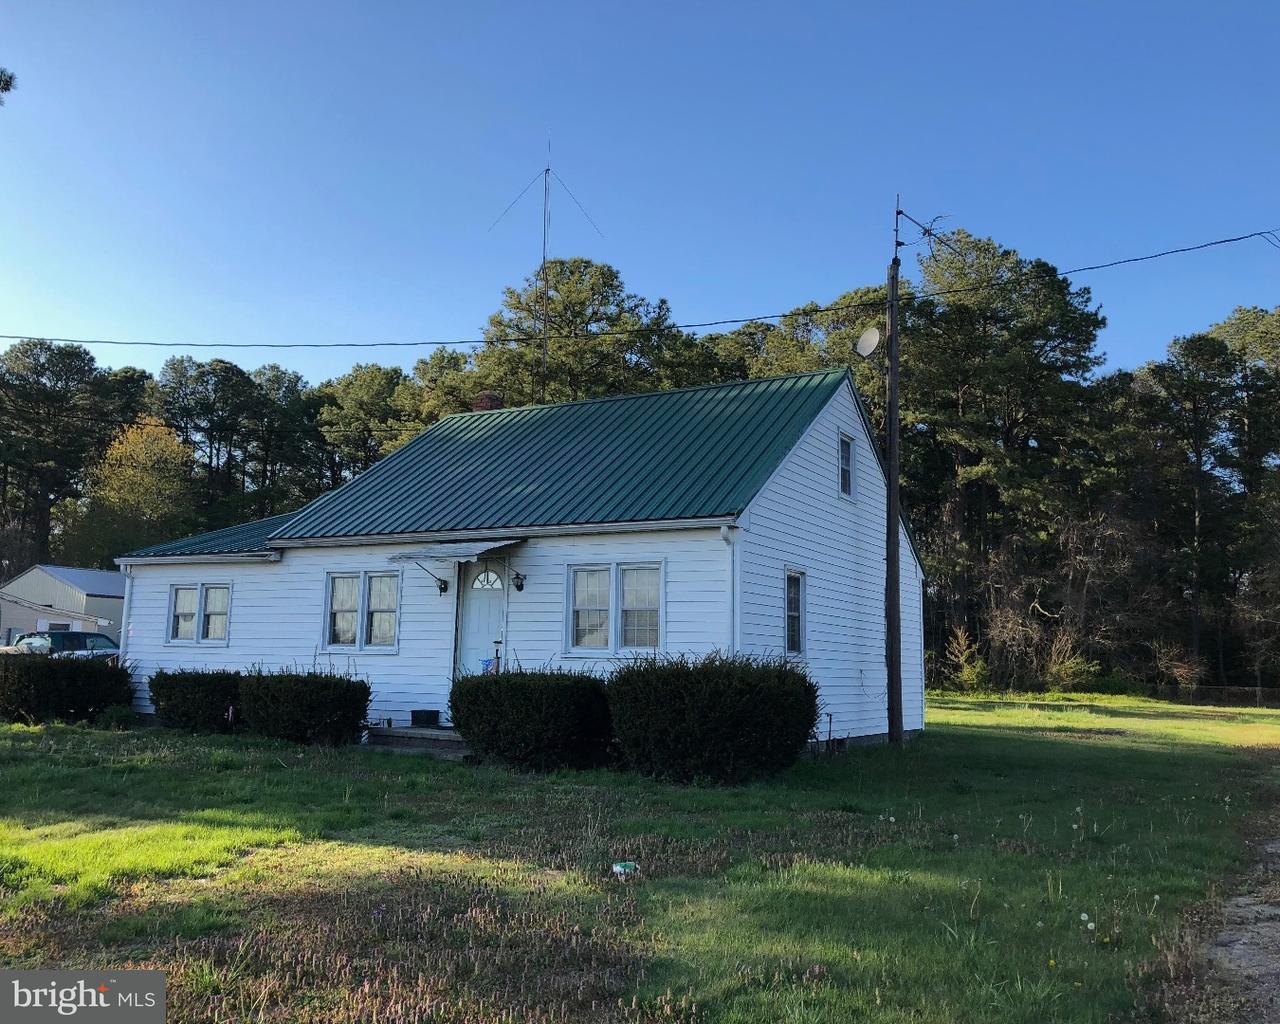 一戸建て のために 売買 アット 12549 SEASHORE HWY Bridgeville, デラウェア 19933 アメリカ合衆国